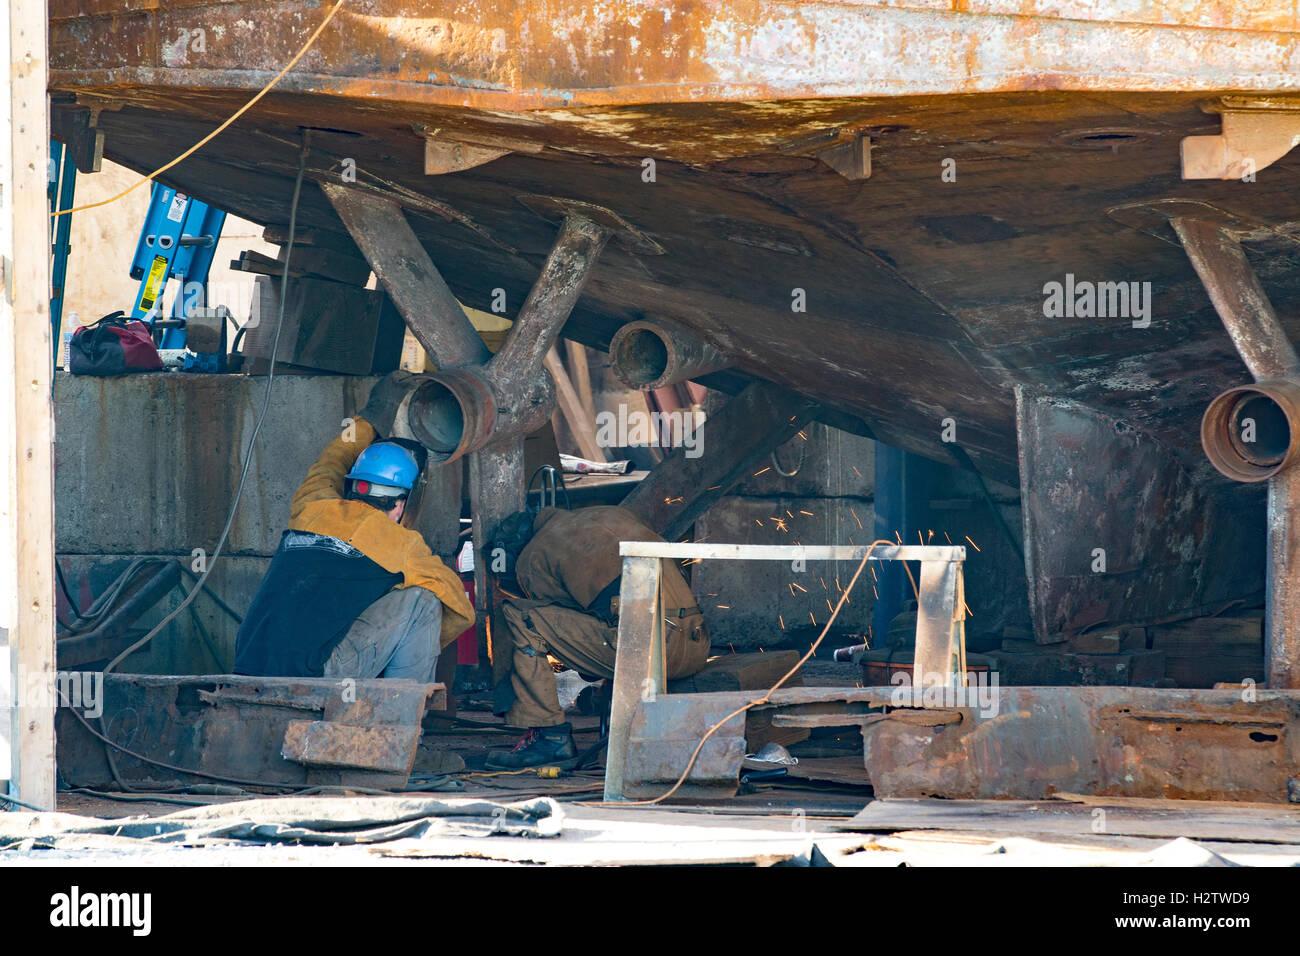 Bateau d'acier, à la réparation des navires en cale sèche à Port Townsend 1790 chantier Photo Stock